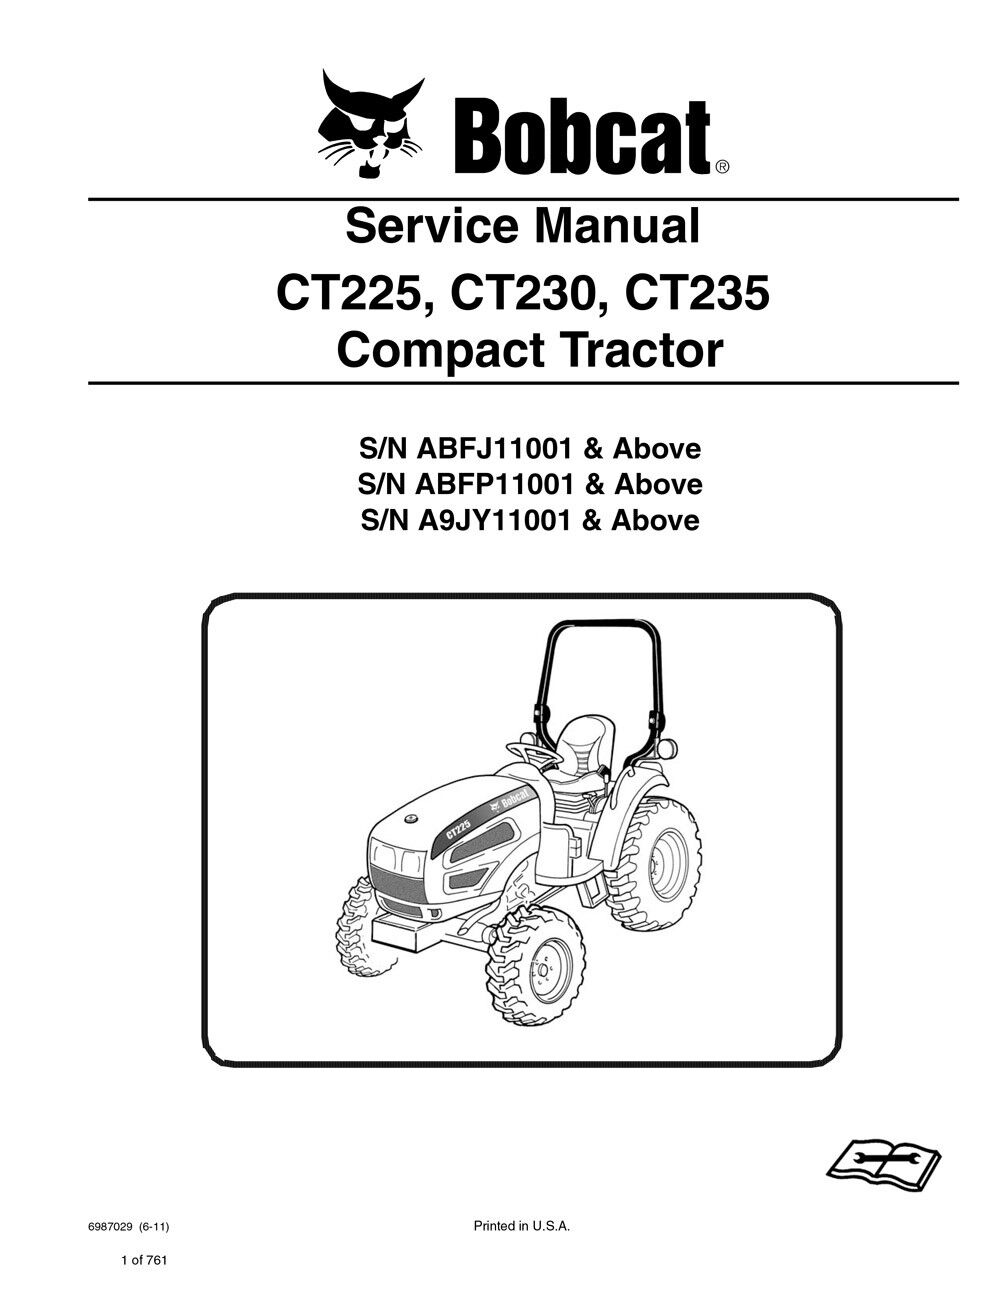 bobcat ct225 ct230 ct235 compact tractor service manual shop repair bobcat  773 parts diagram bobcat ct225